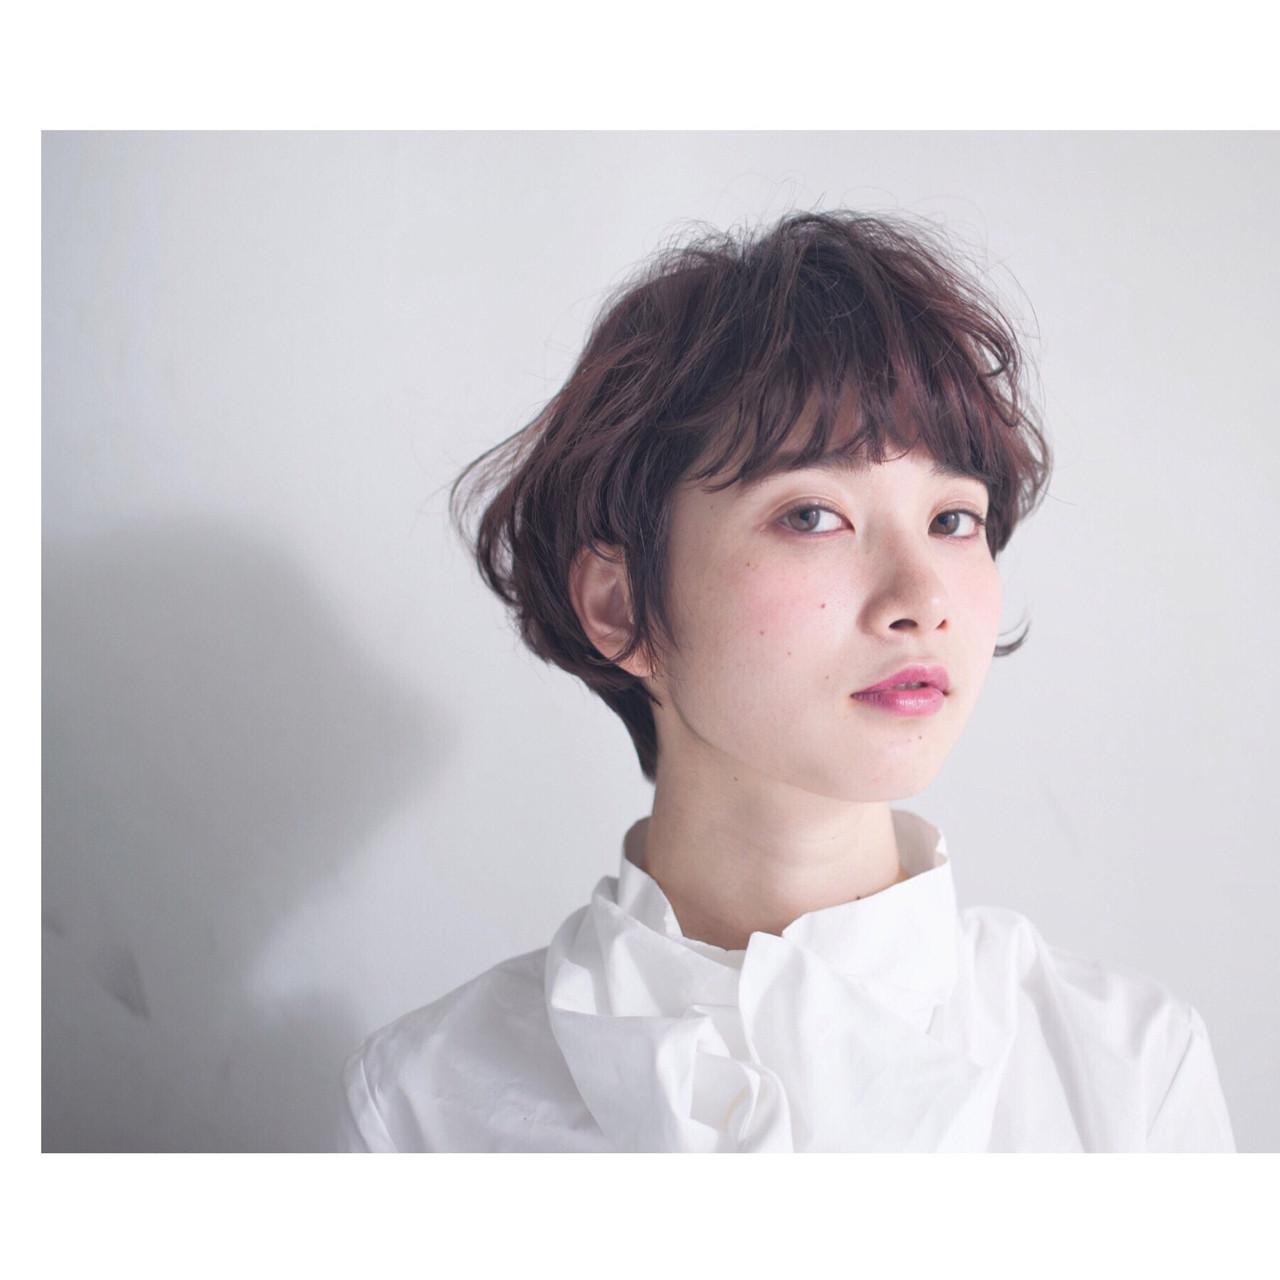 2017年春夏は甘さ控えめな「ベリーピンクカラー」にするべし♡ anti_RIKUSHI